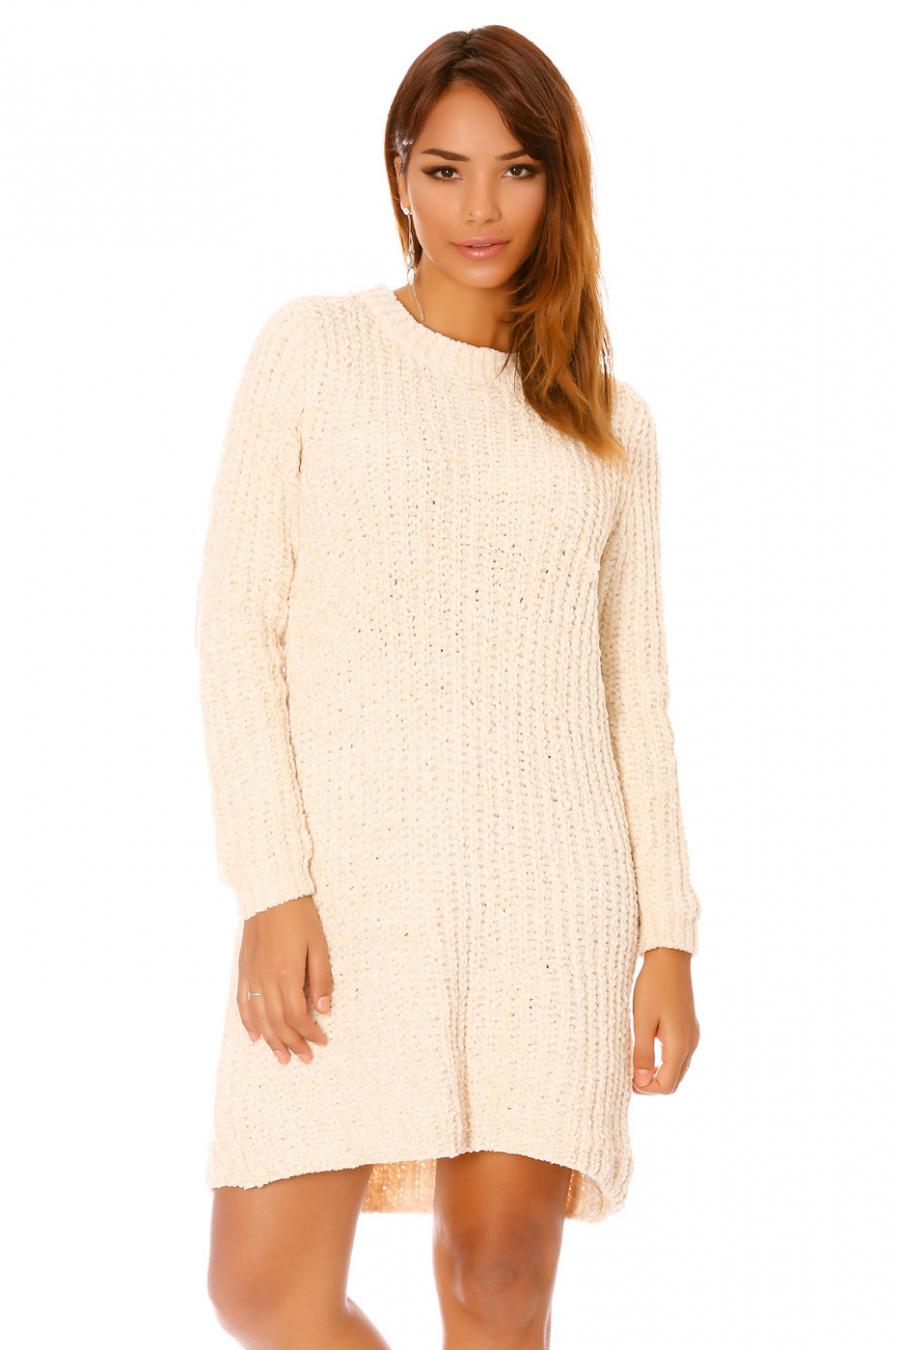 Beige knitted effect sweater dress F8701